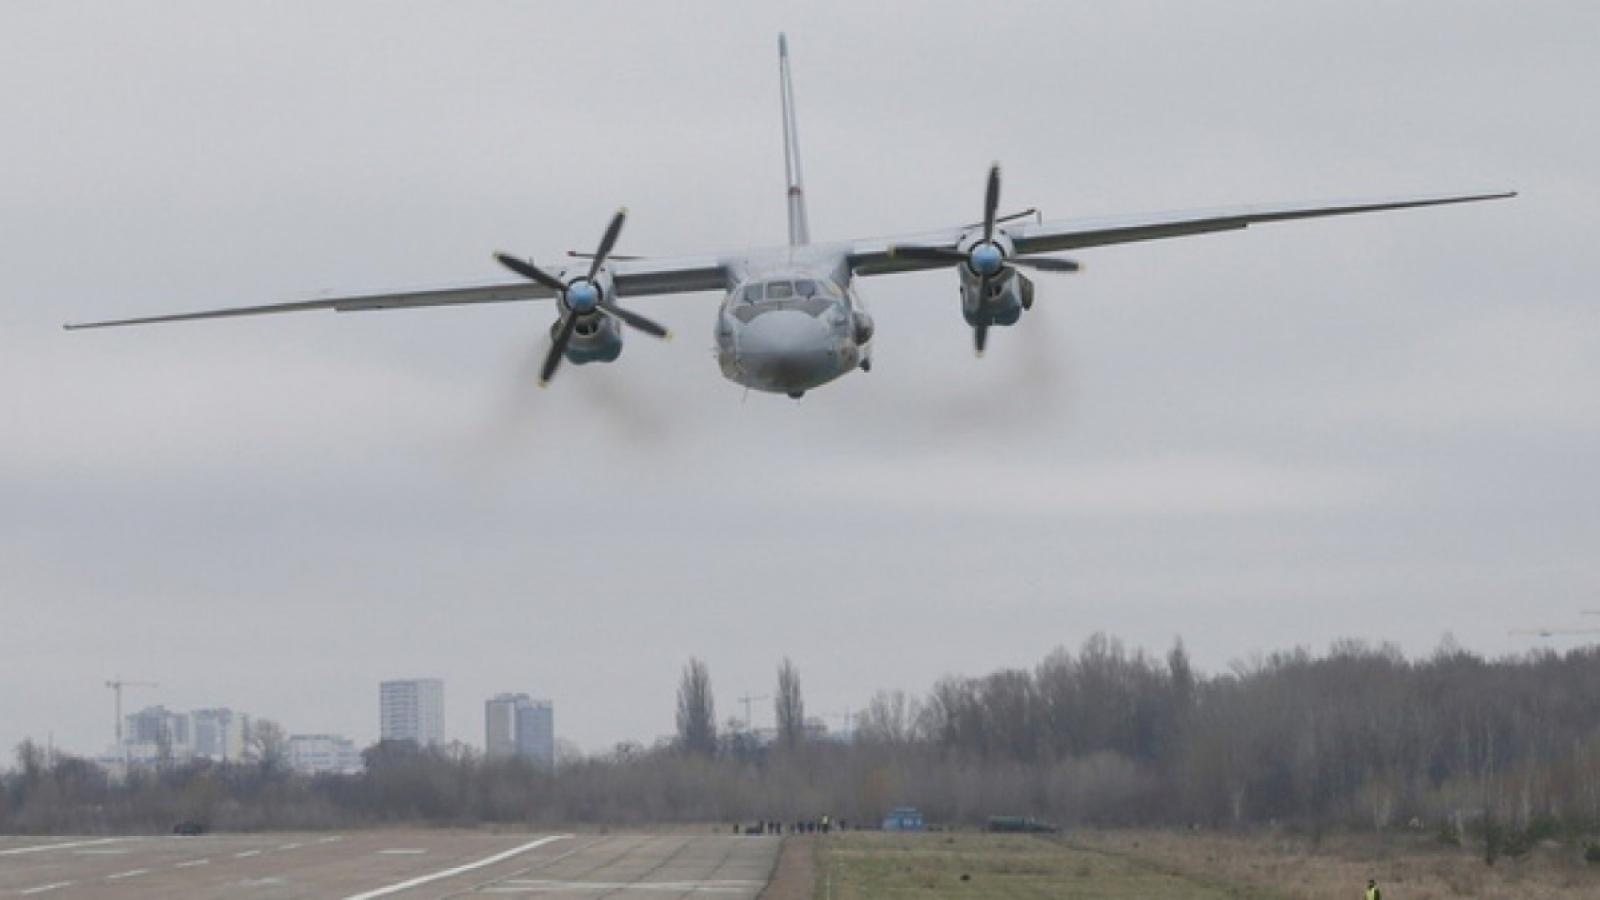 Chủ tịch nước gửi điện thăm hỏi vụ tai nạn máy bay tại Kamchatka, Nga